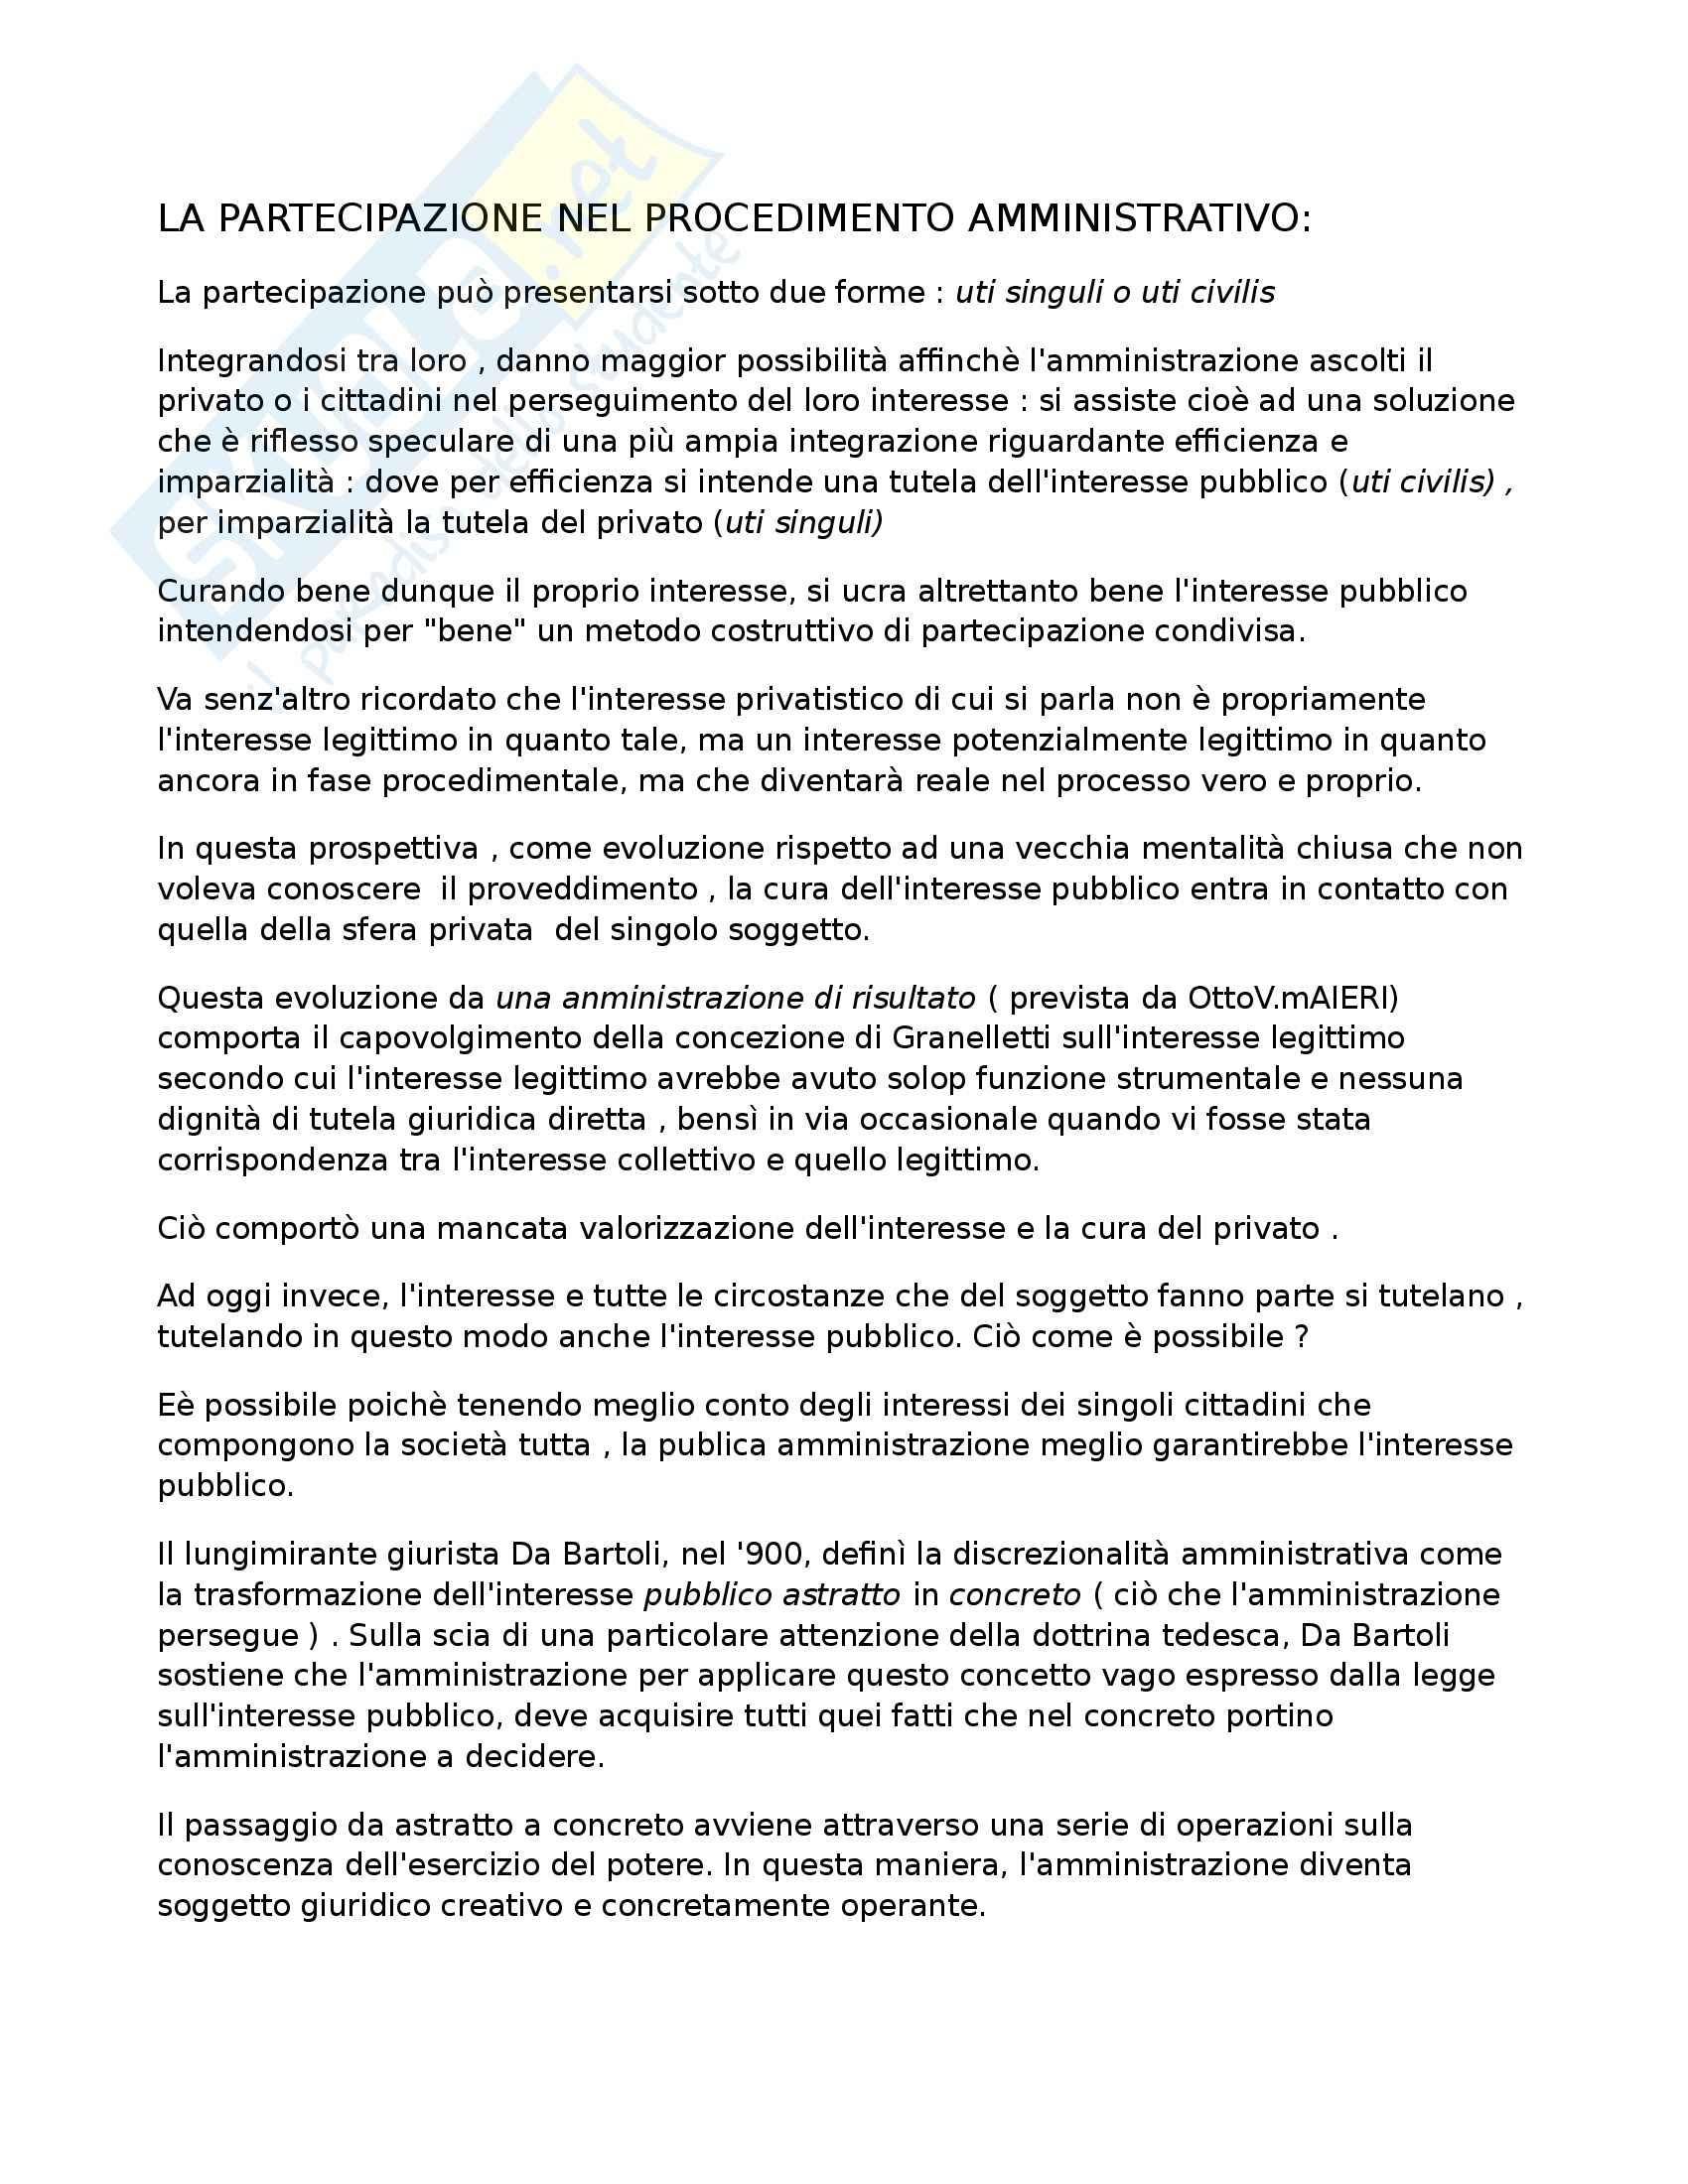 Diritto amministrativo 2 - Partecipazione e discrezionalità amministrativa